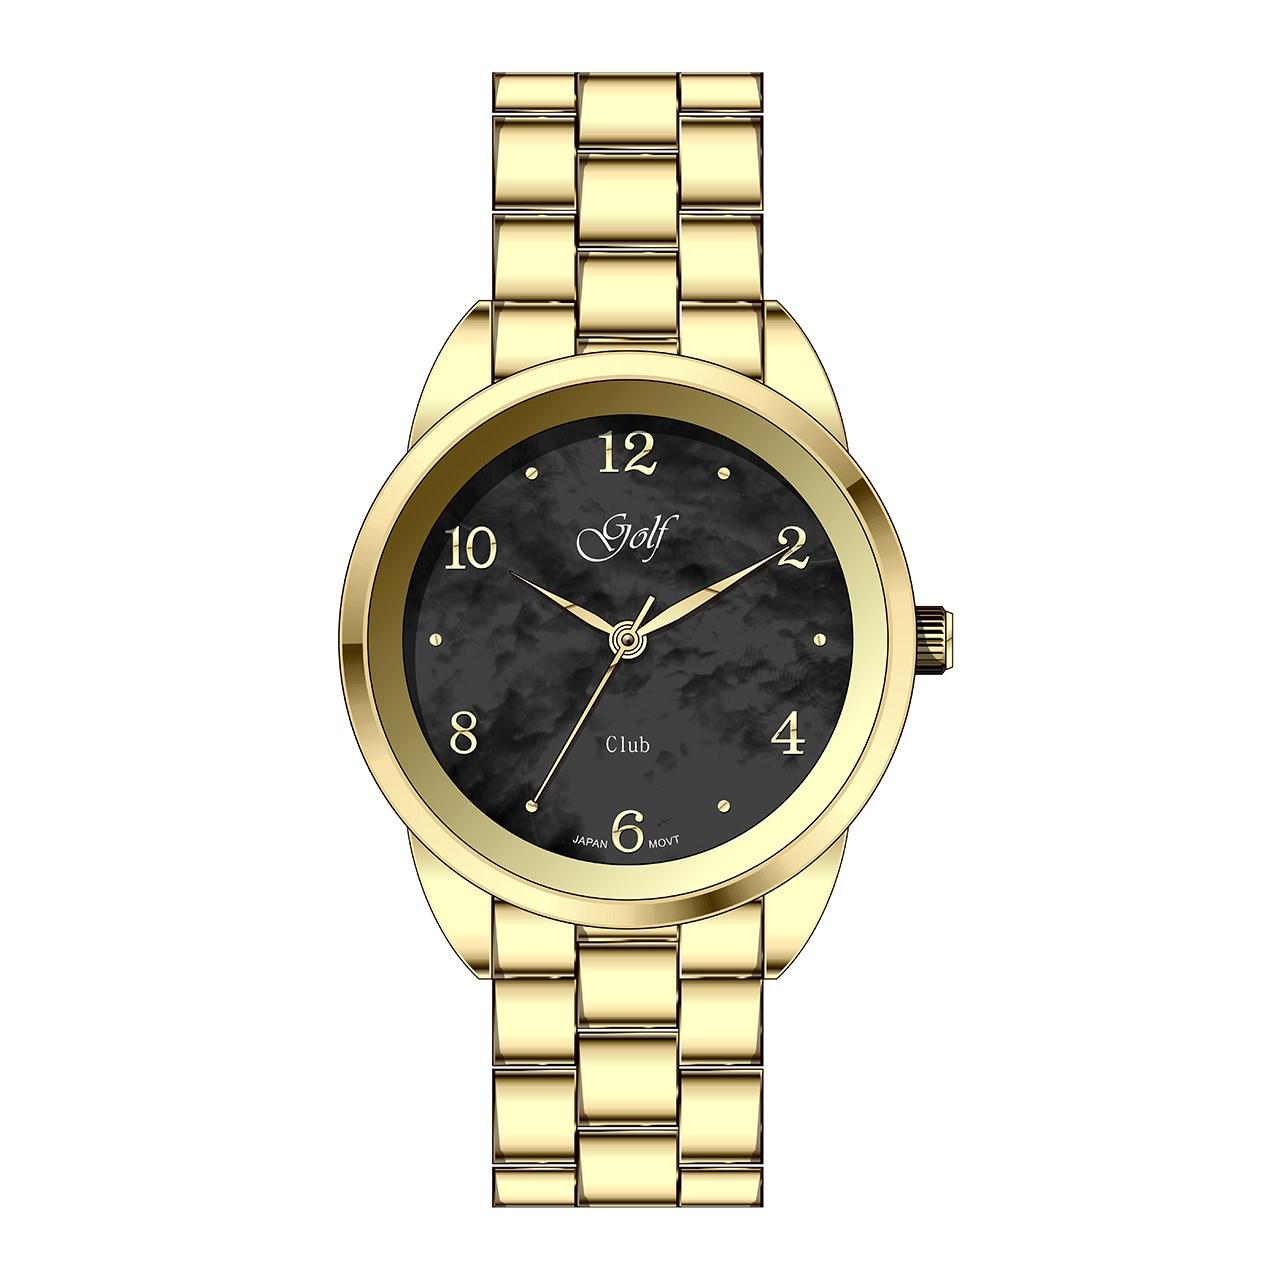 خرید ساعت مچی عقربه ای زنانه گلف مدل L0110-4